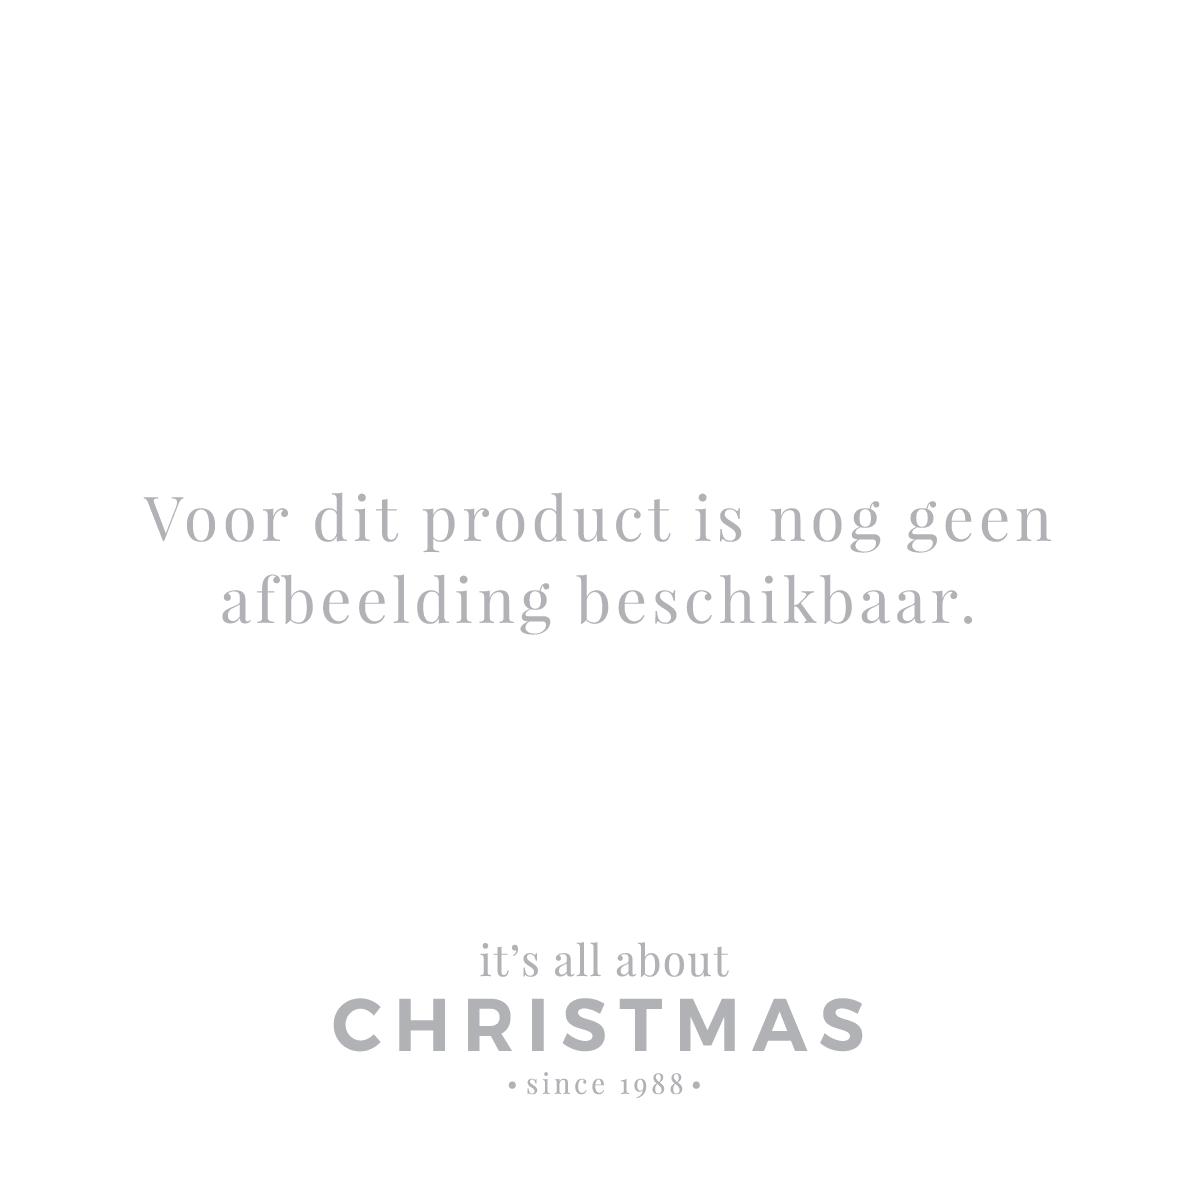 44 Weihnachtskugeln pastellblau, Glas, 6-10 cm